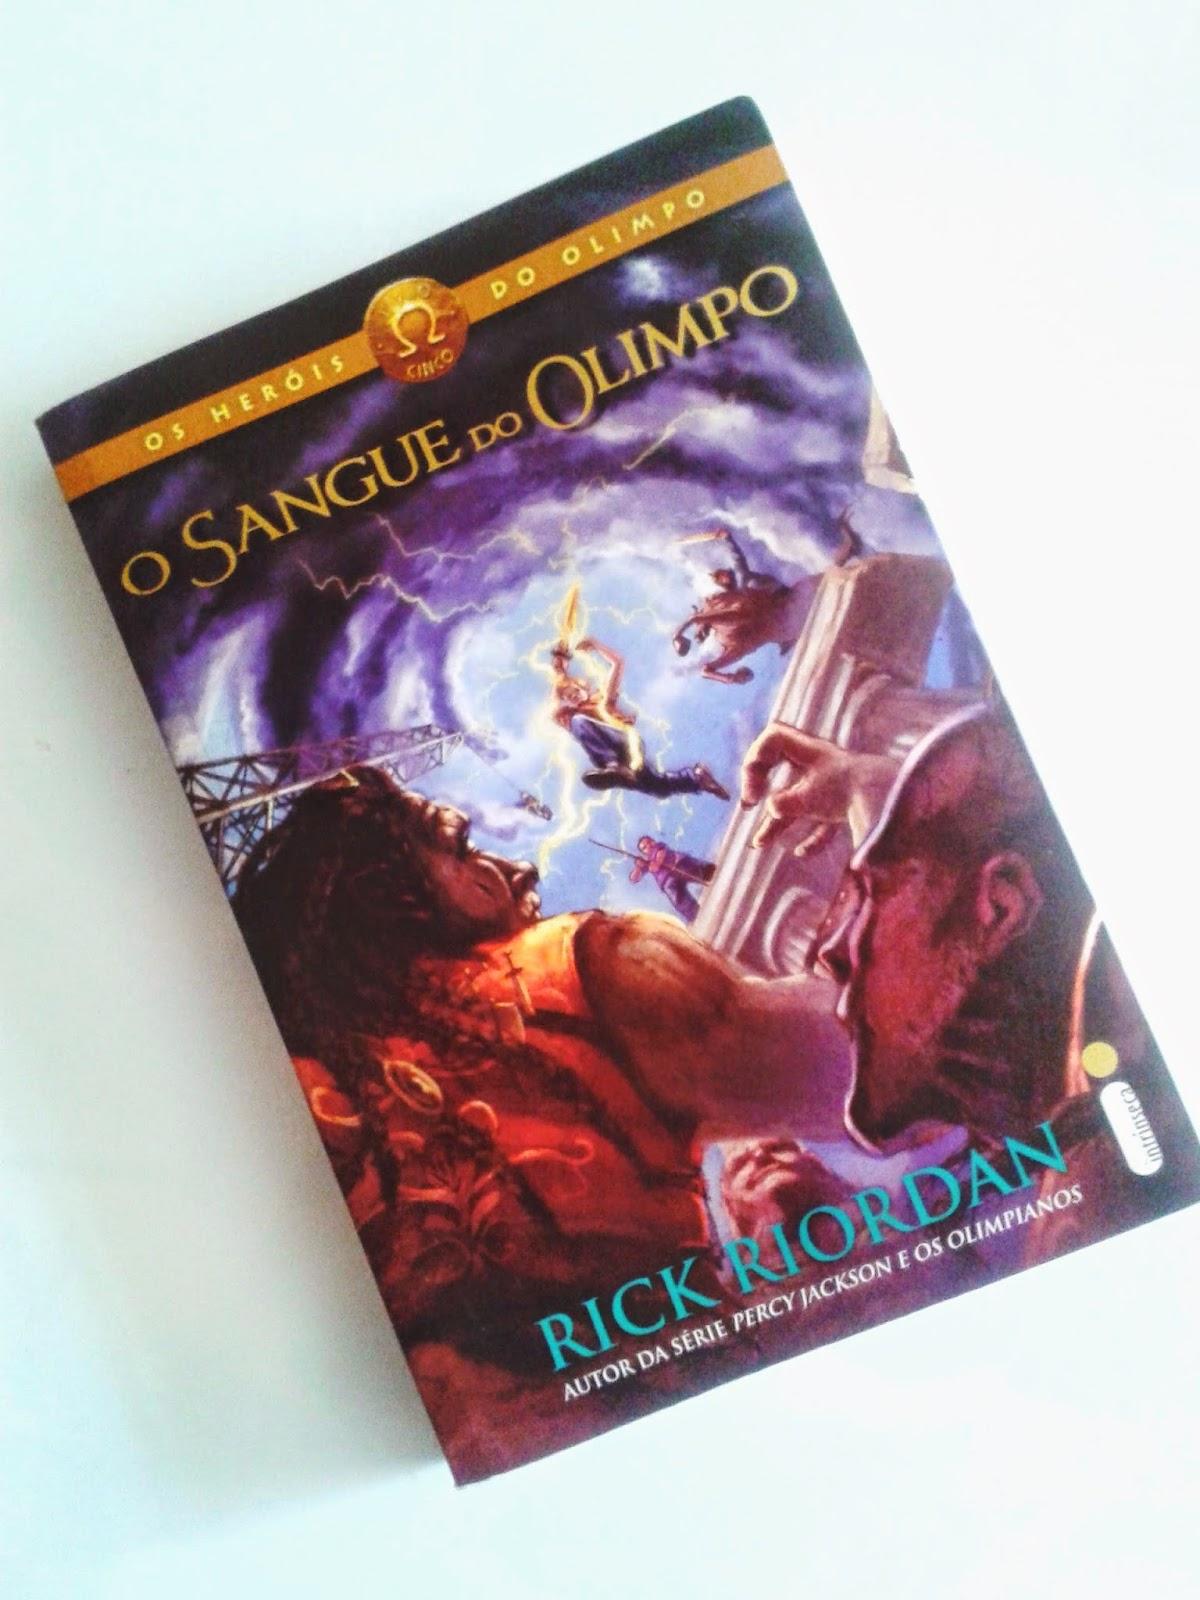 LIVRO O SANGUE DO OLIMPO PDF DOWNLOAD